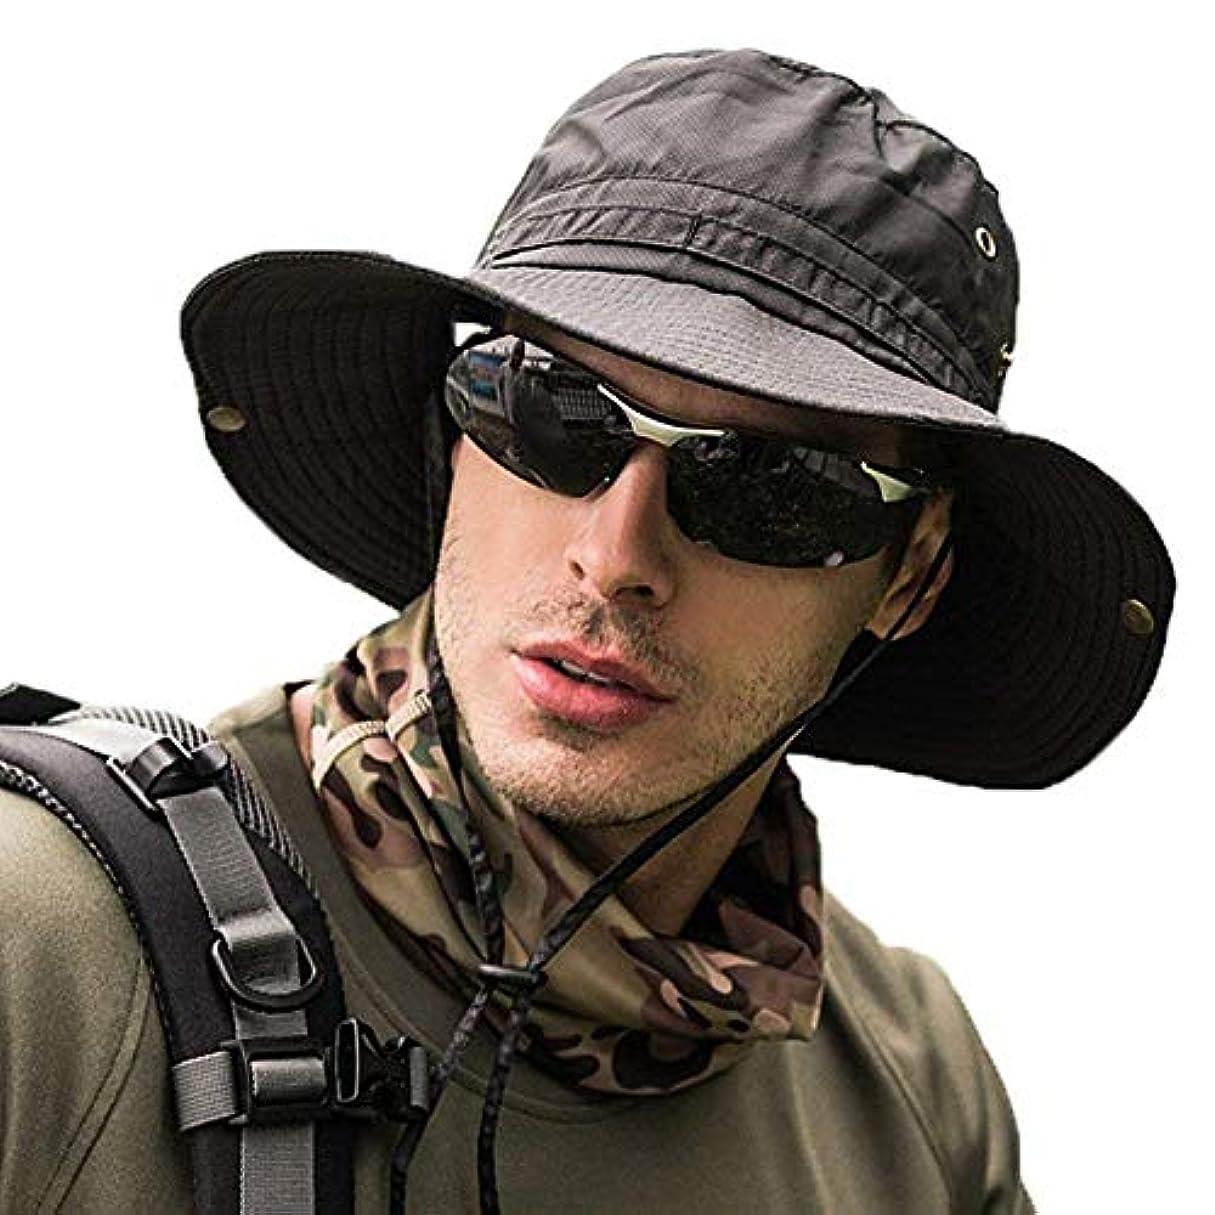 不健康レキシコン欲求不満Lisa Pulster 帽子 釣り ハット UVカット 折りたたみ つば広 日焼け防止 ひも付き ハット アウトドア サファリハット ユニセックス